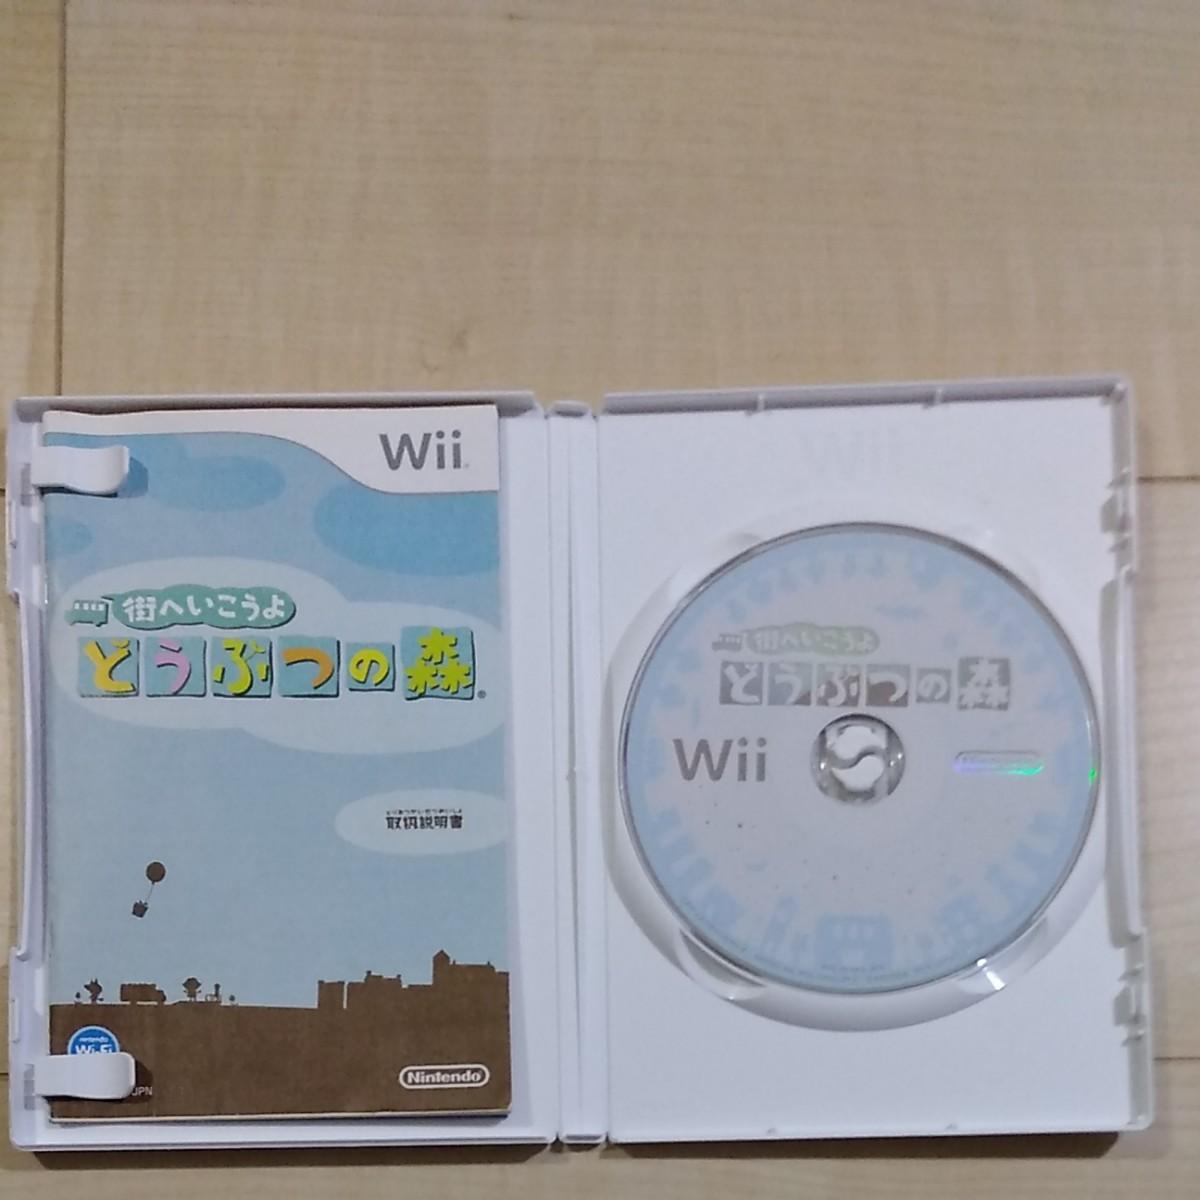 10./5終了 再値下げ Wiiソフト 街へいこうよどうぶつの森 ガイドブック